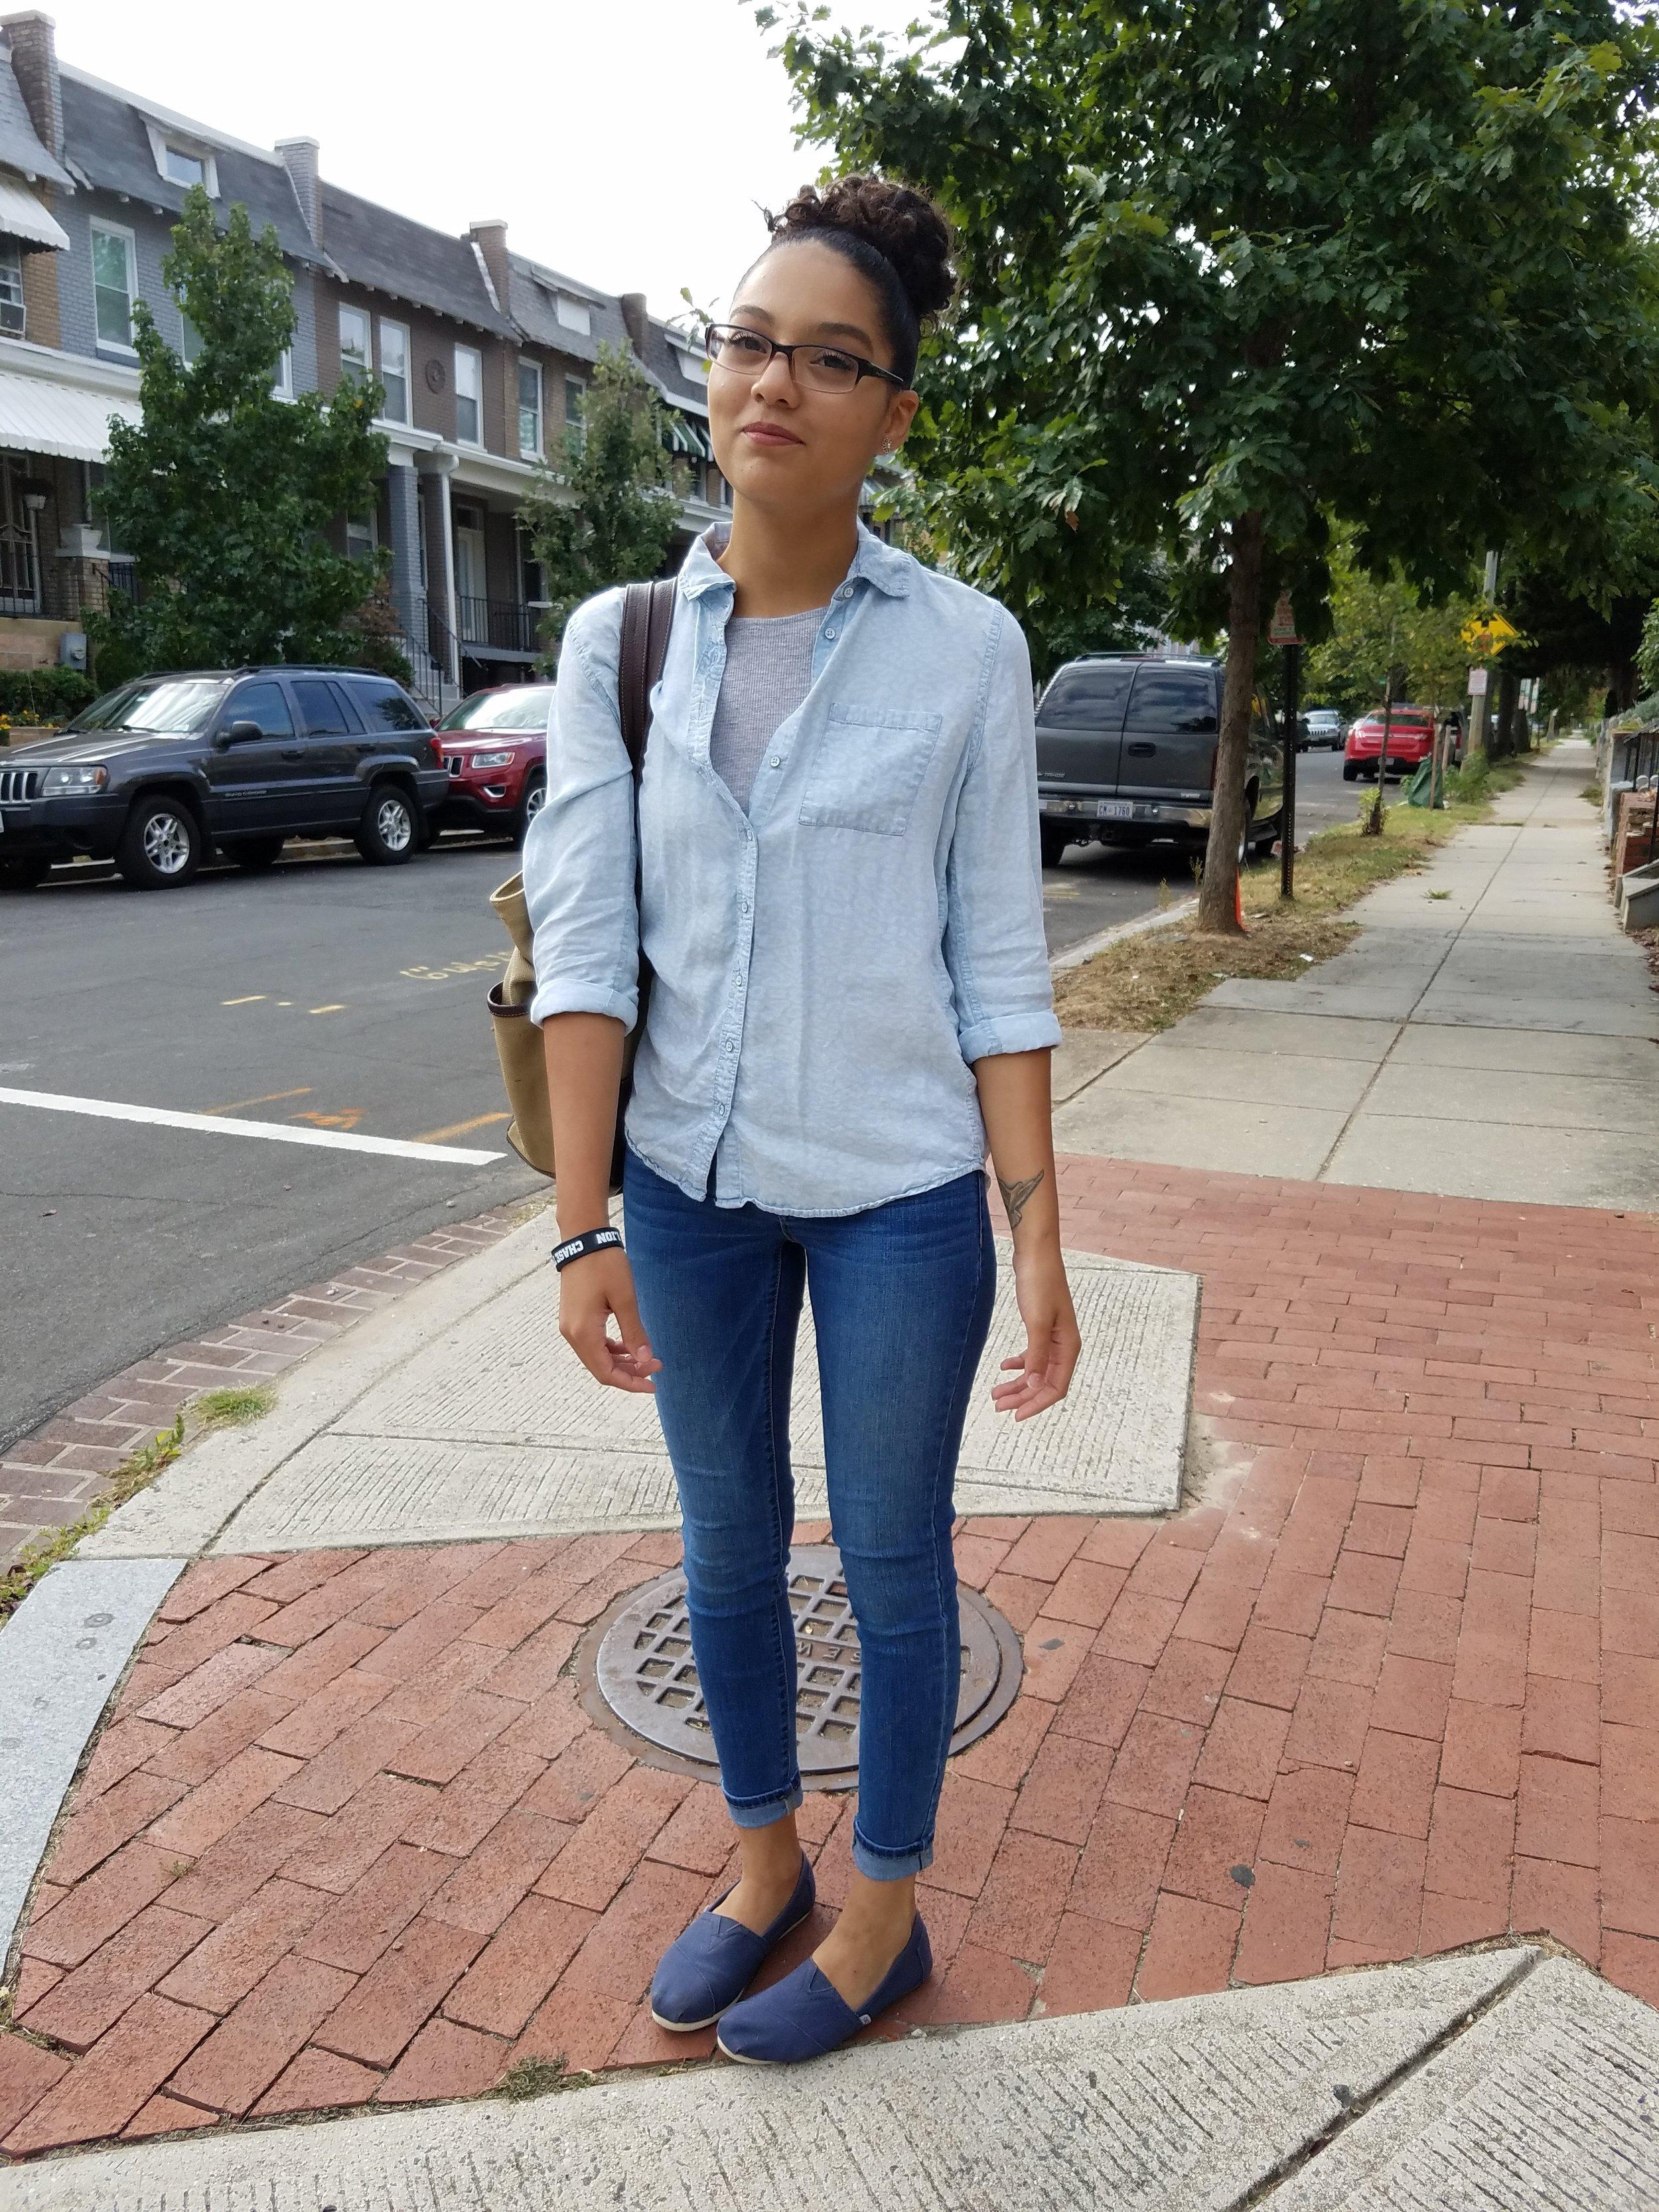 Outfit details: Denim shirt: Aeropostale   Crop Top: H&M   Jeans: Target   Shoes: Toms